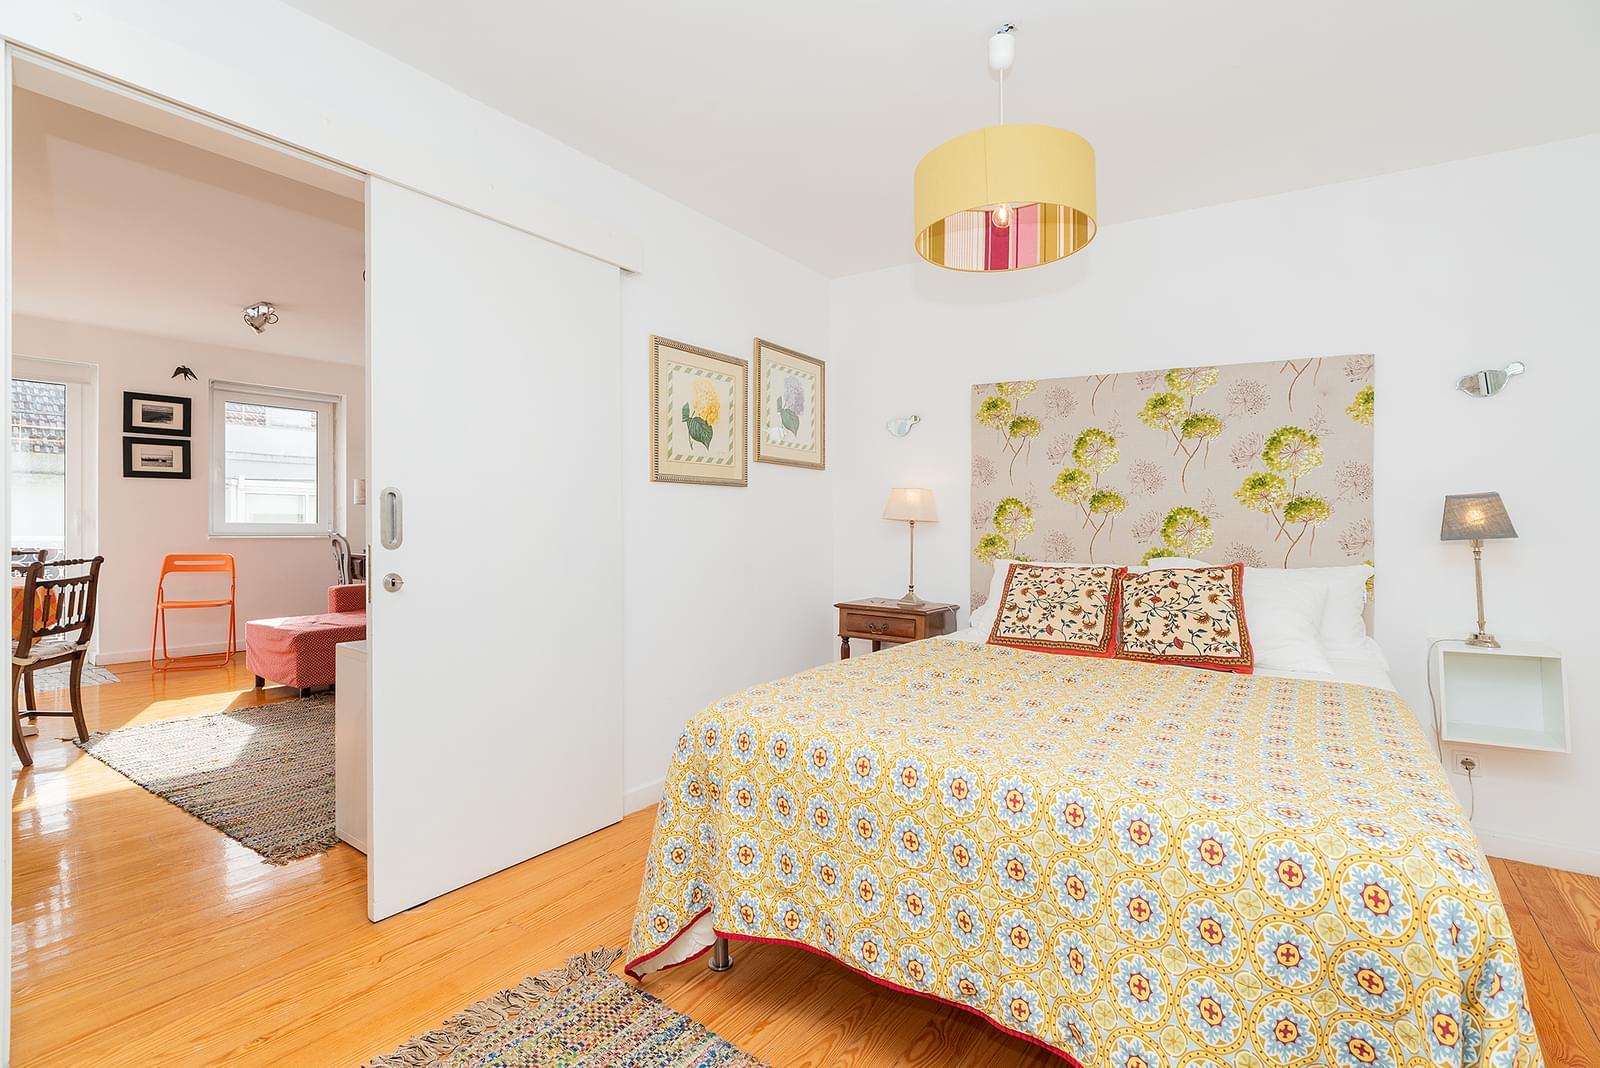 pf18727-apartamento-t1-lisboa-fea934dc-c98e-459f-8910-4671ce617774